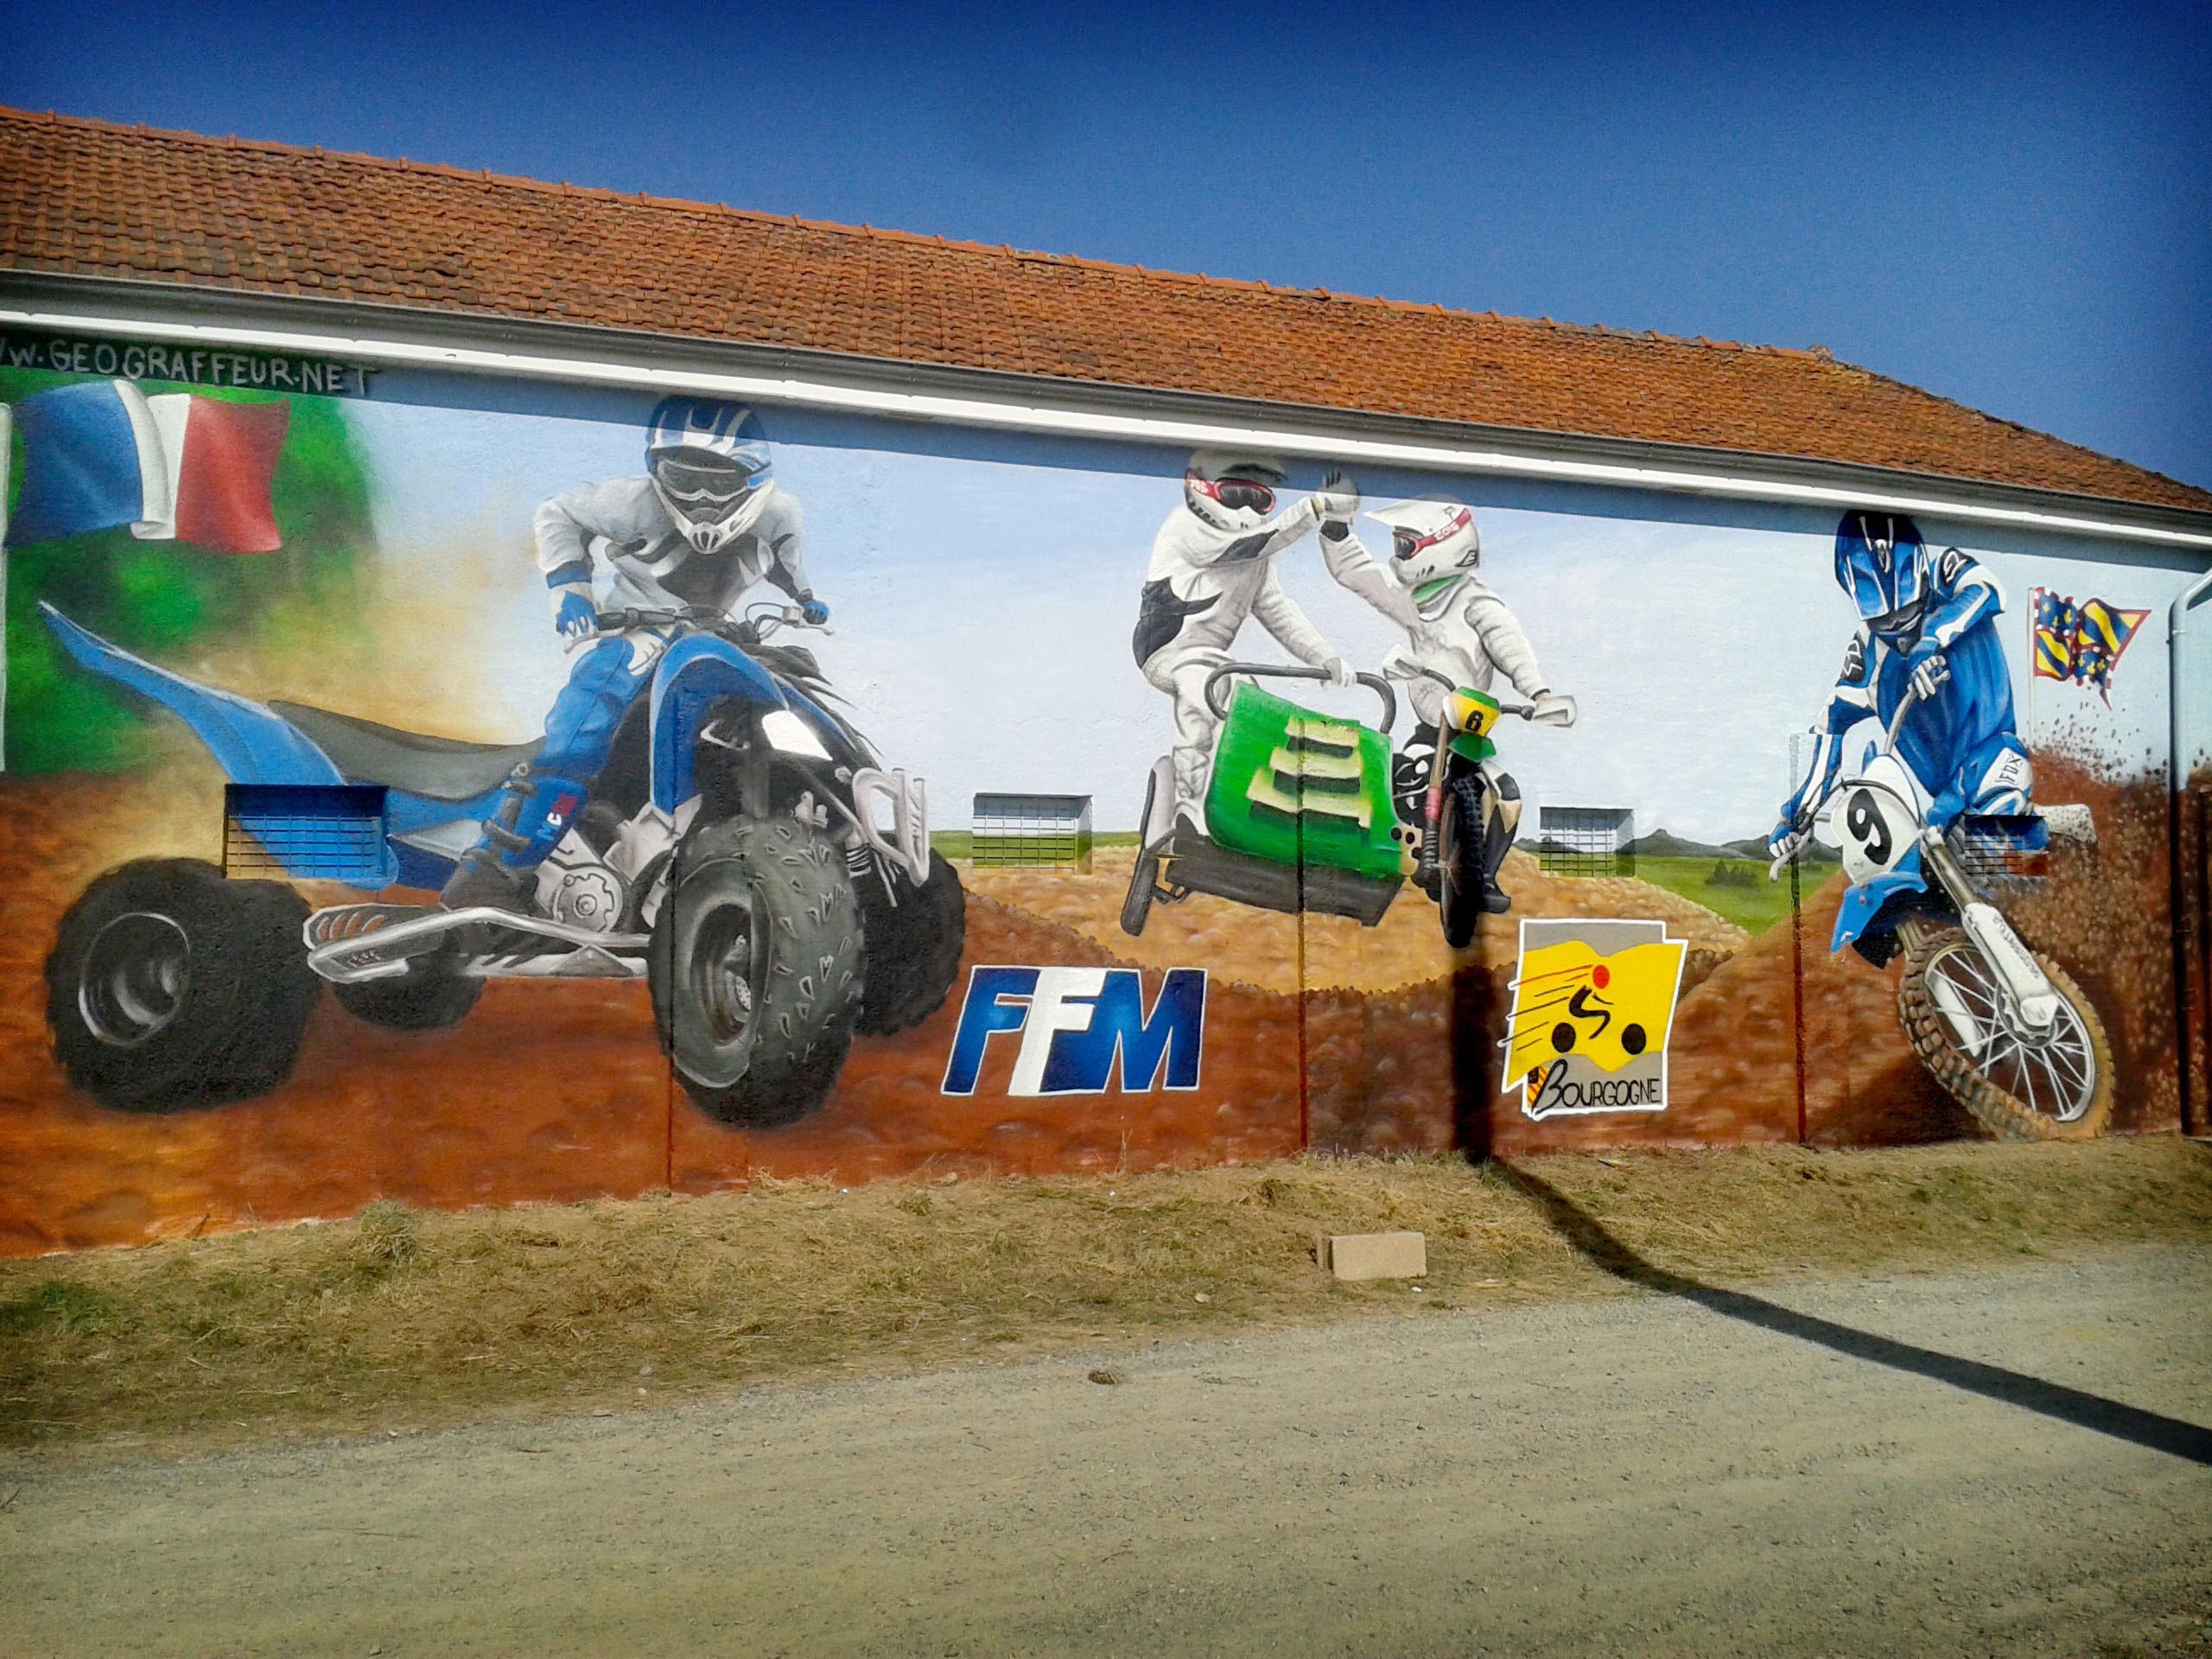 geograffeur-moto-decoration-graffiti-fresque-exterieur